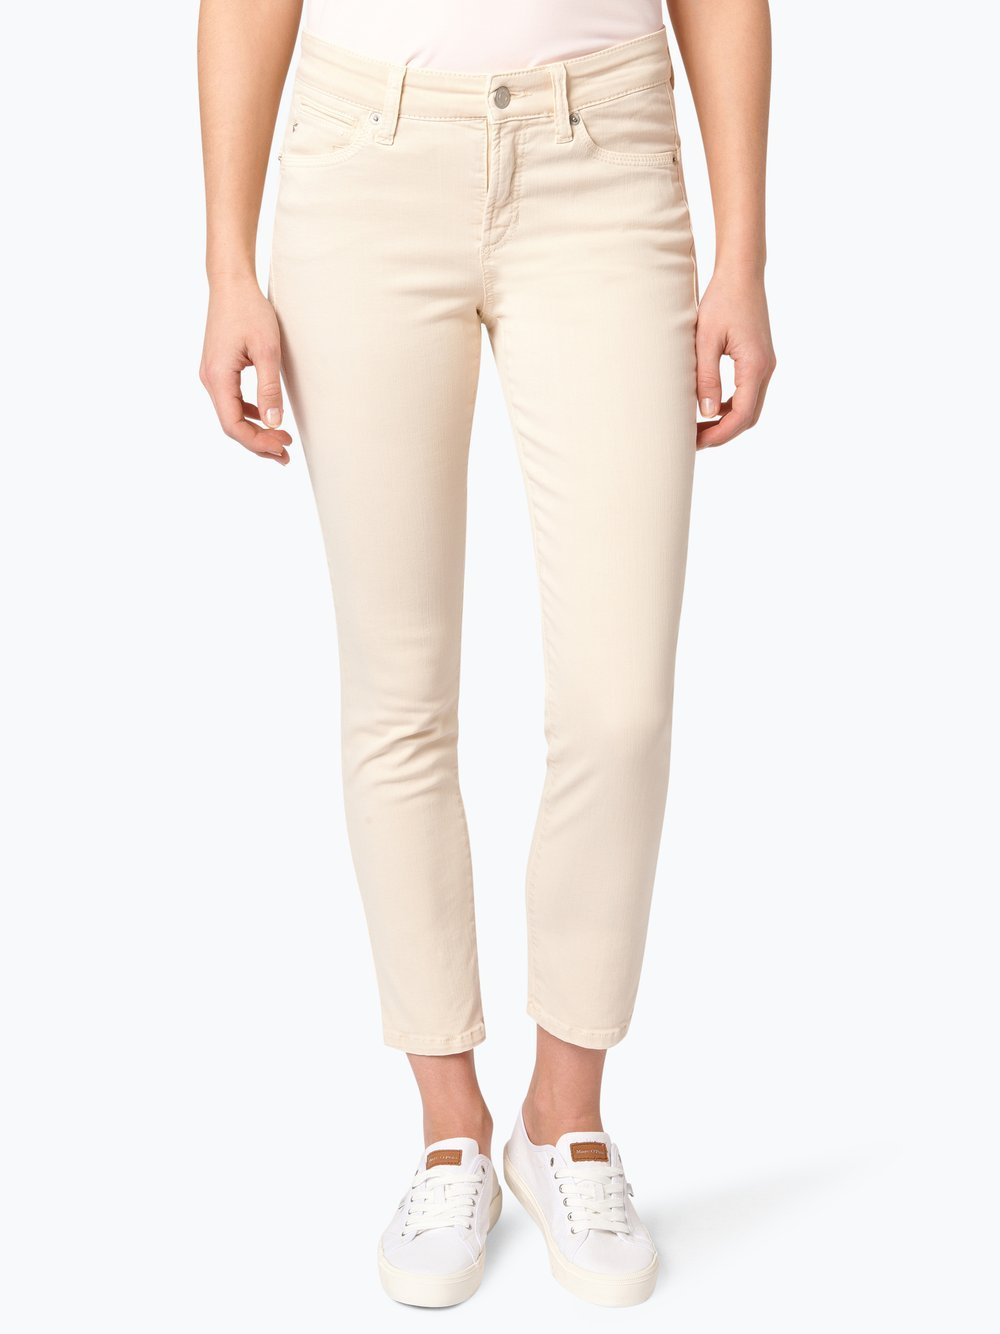 Damen Jeans - Piper beige Cambio dELIi80HJR